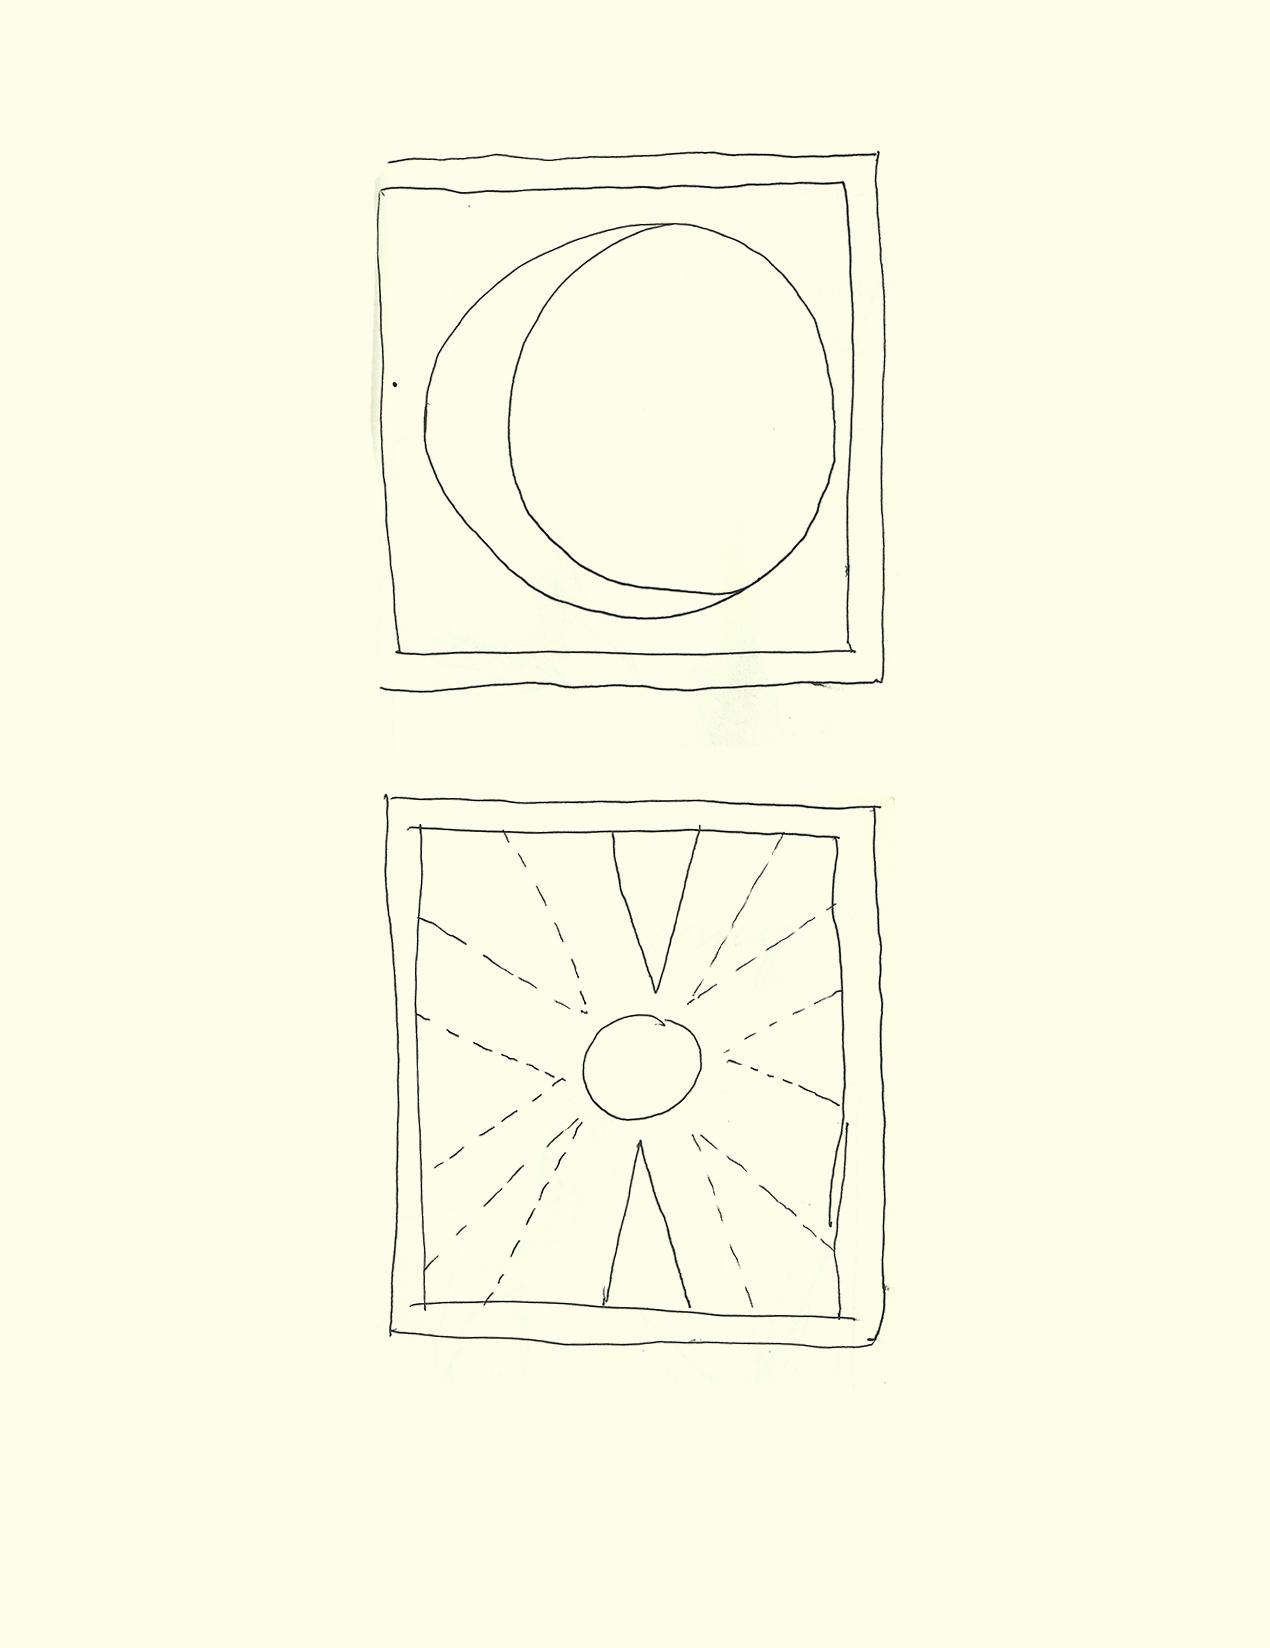 sketch-79.jpg